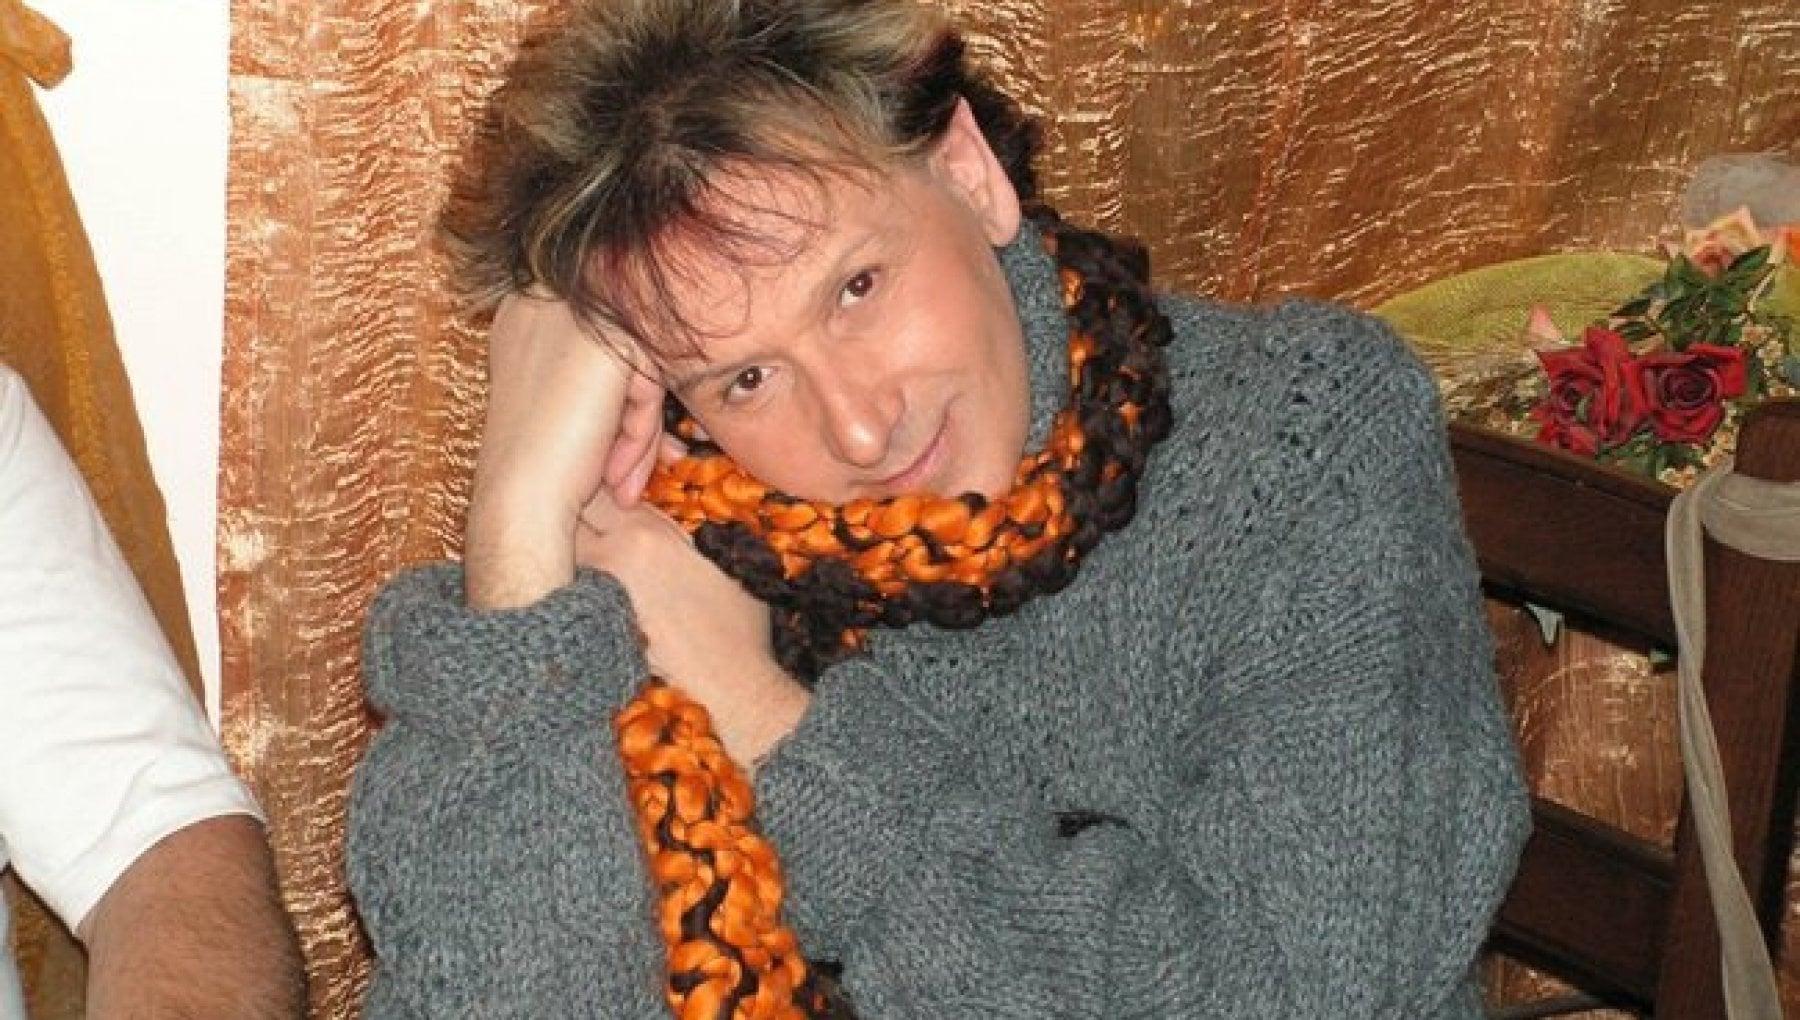 Livorno trovato morto in casa Solange sensitivo e volto della tv